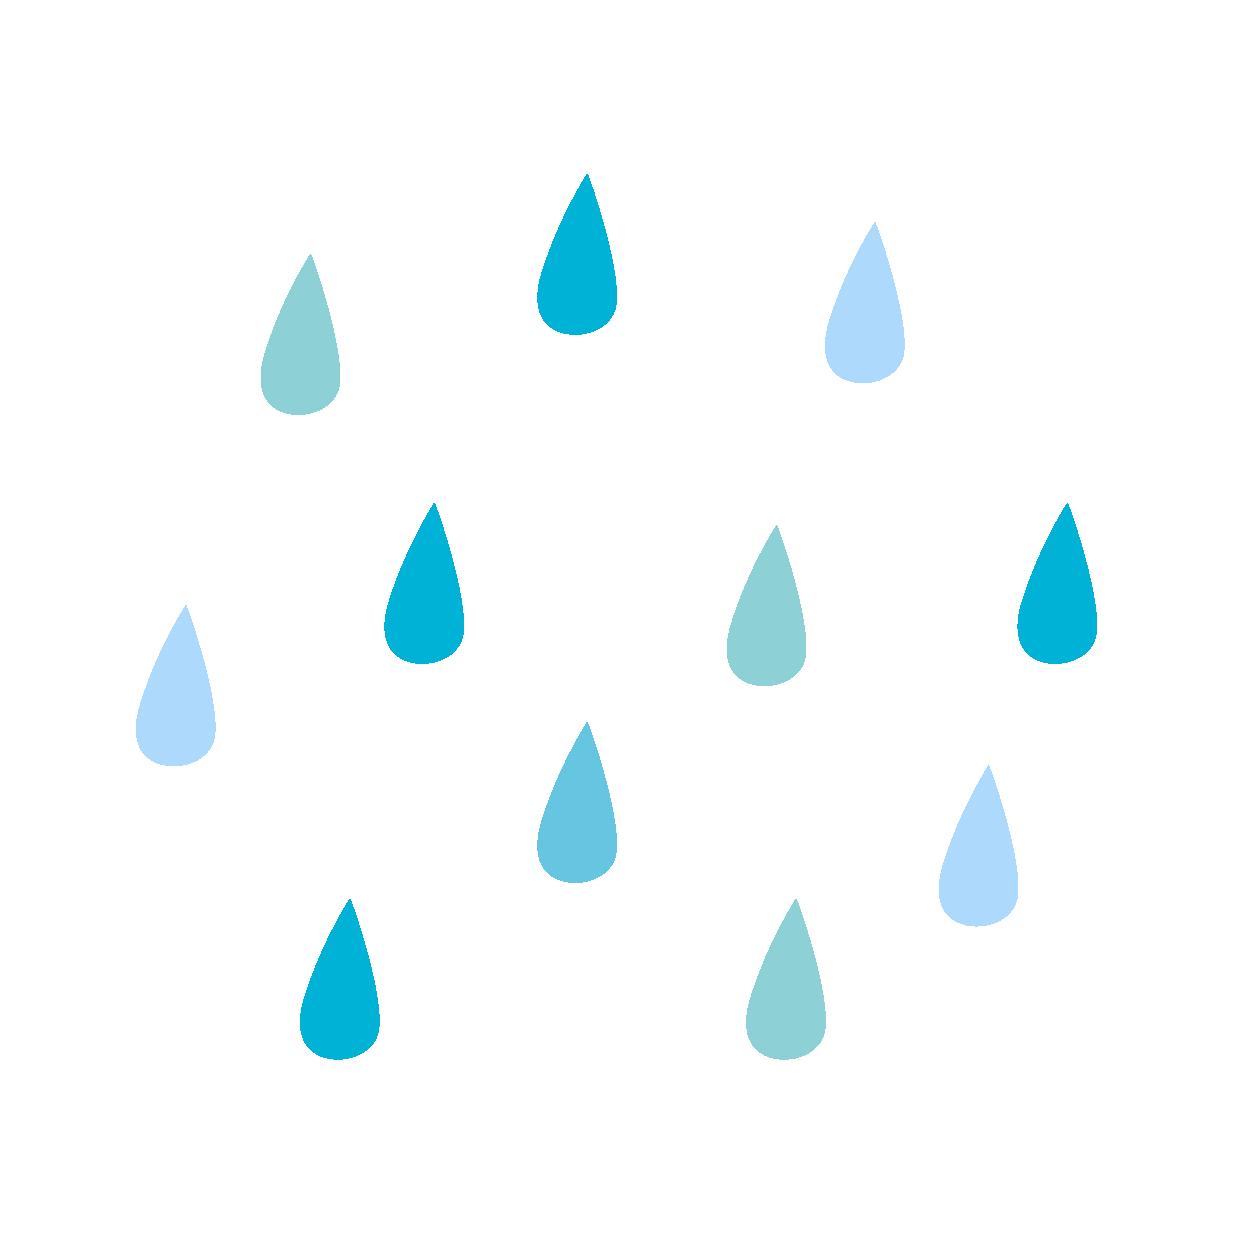 雨が降っているイラスト | 商用フリー(無料)のイラスト素材なら